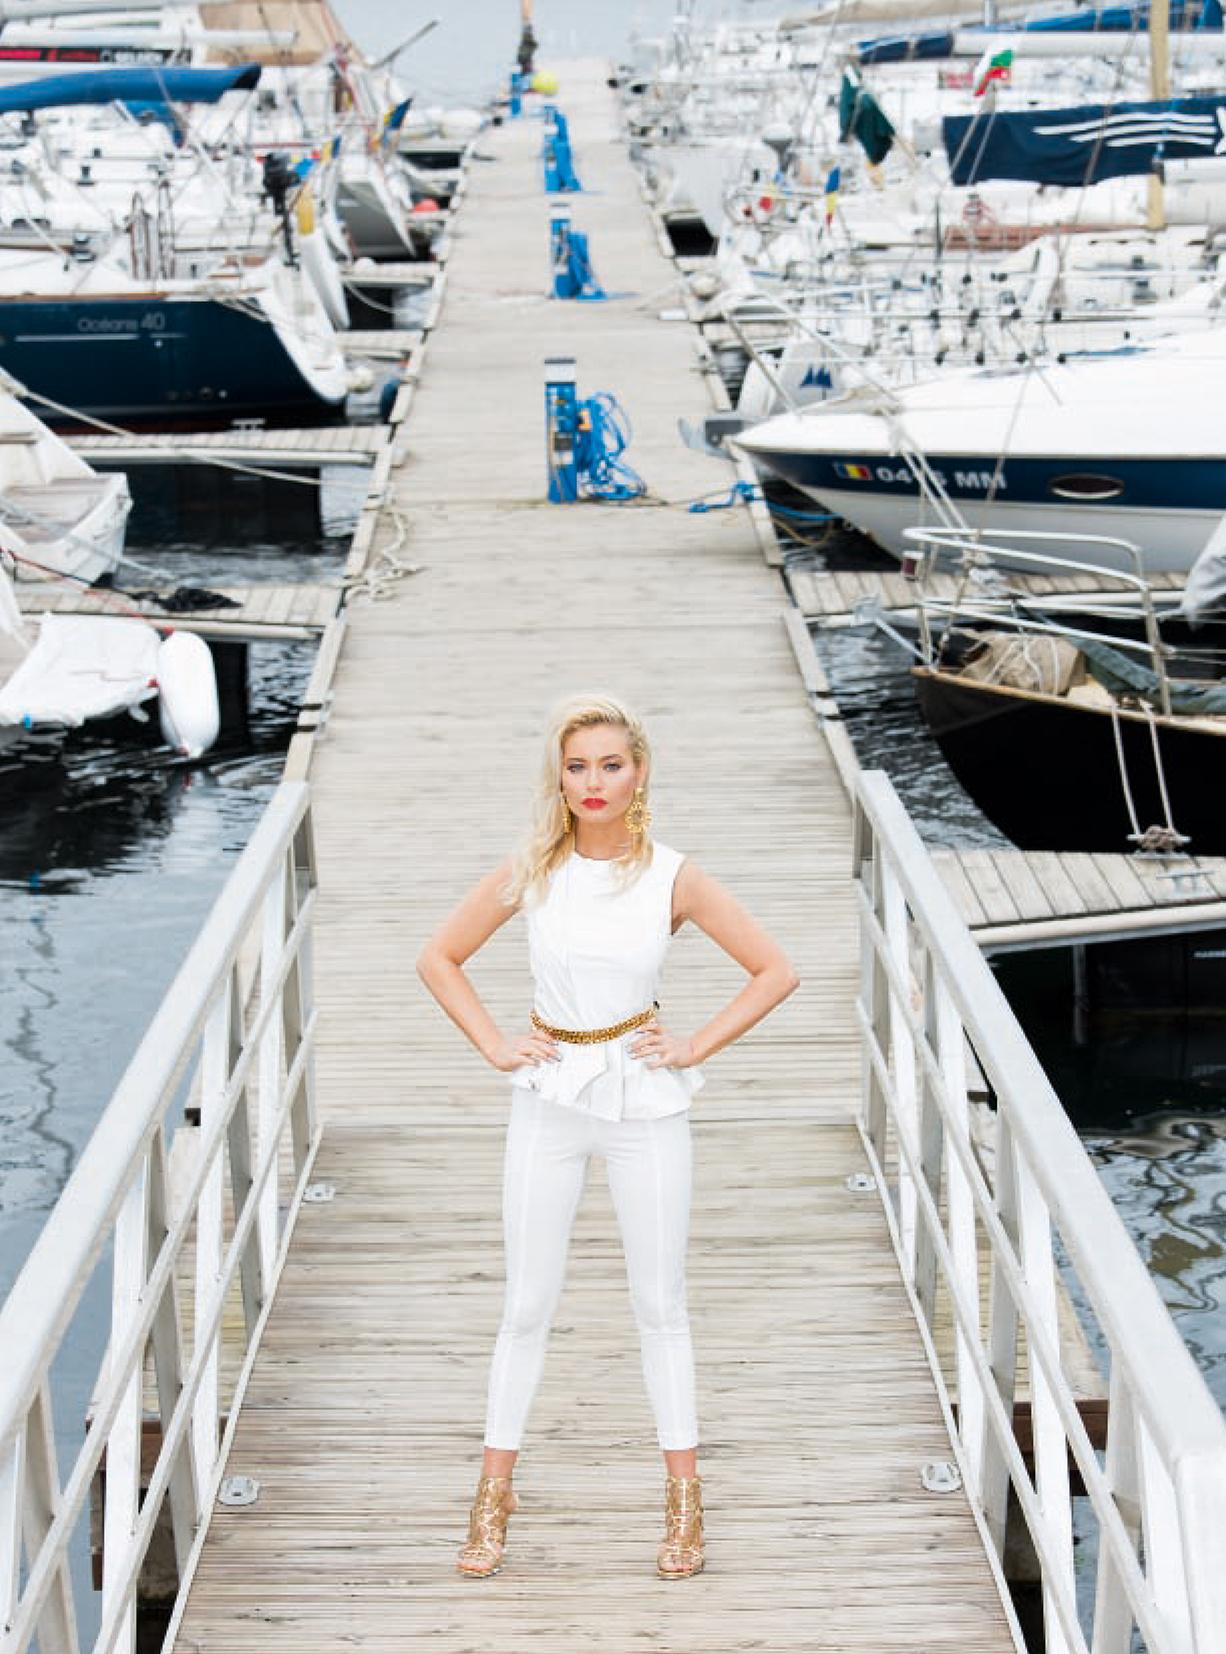 Laura Cosoi - Unica iulie 2014 - 03